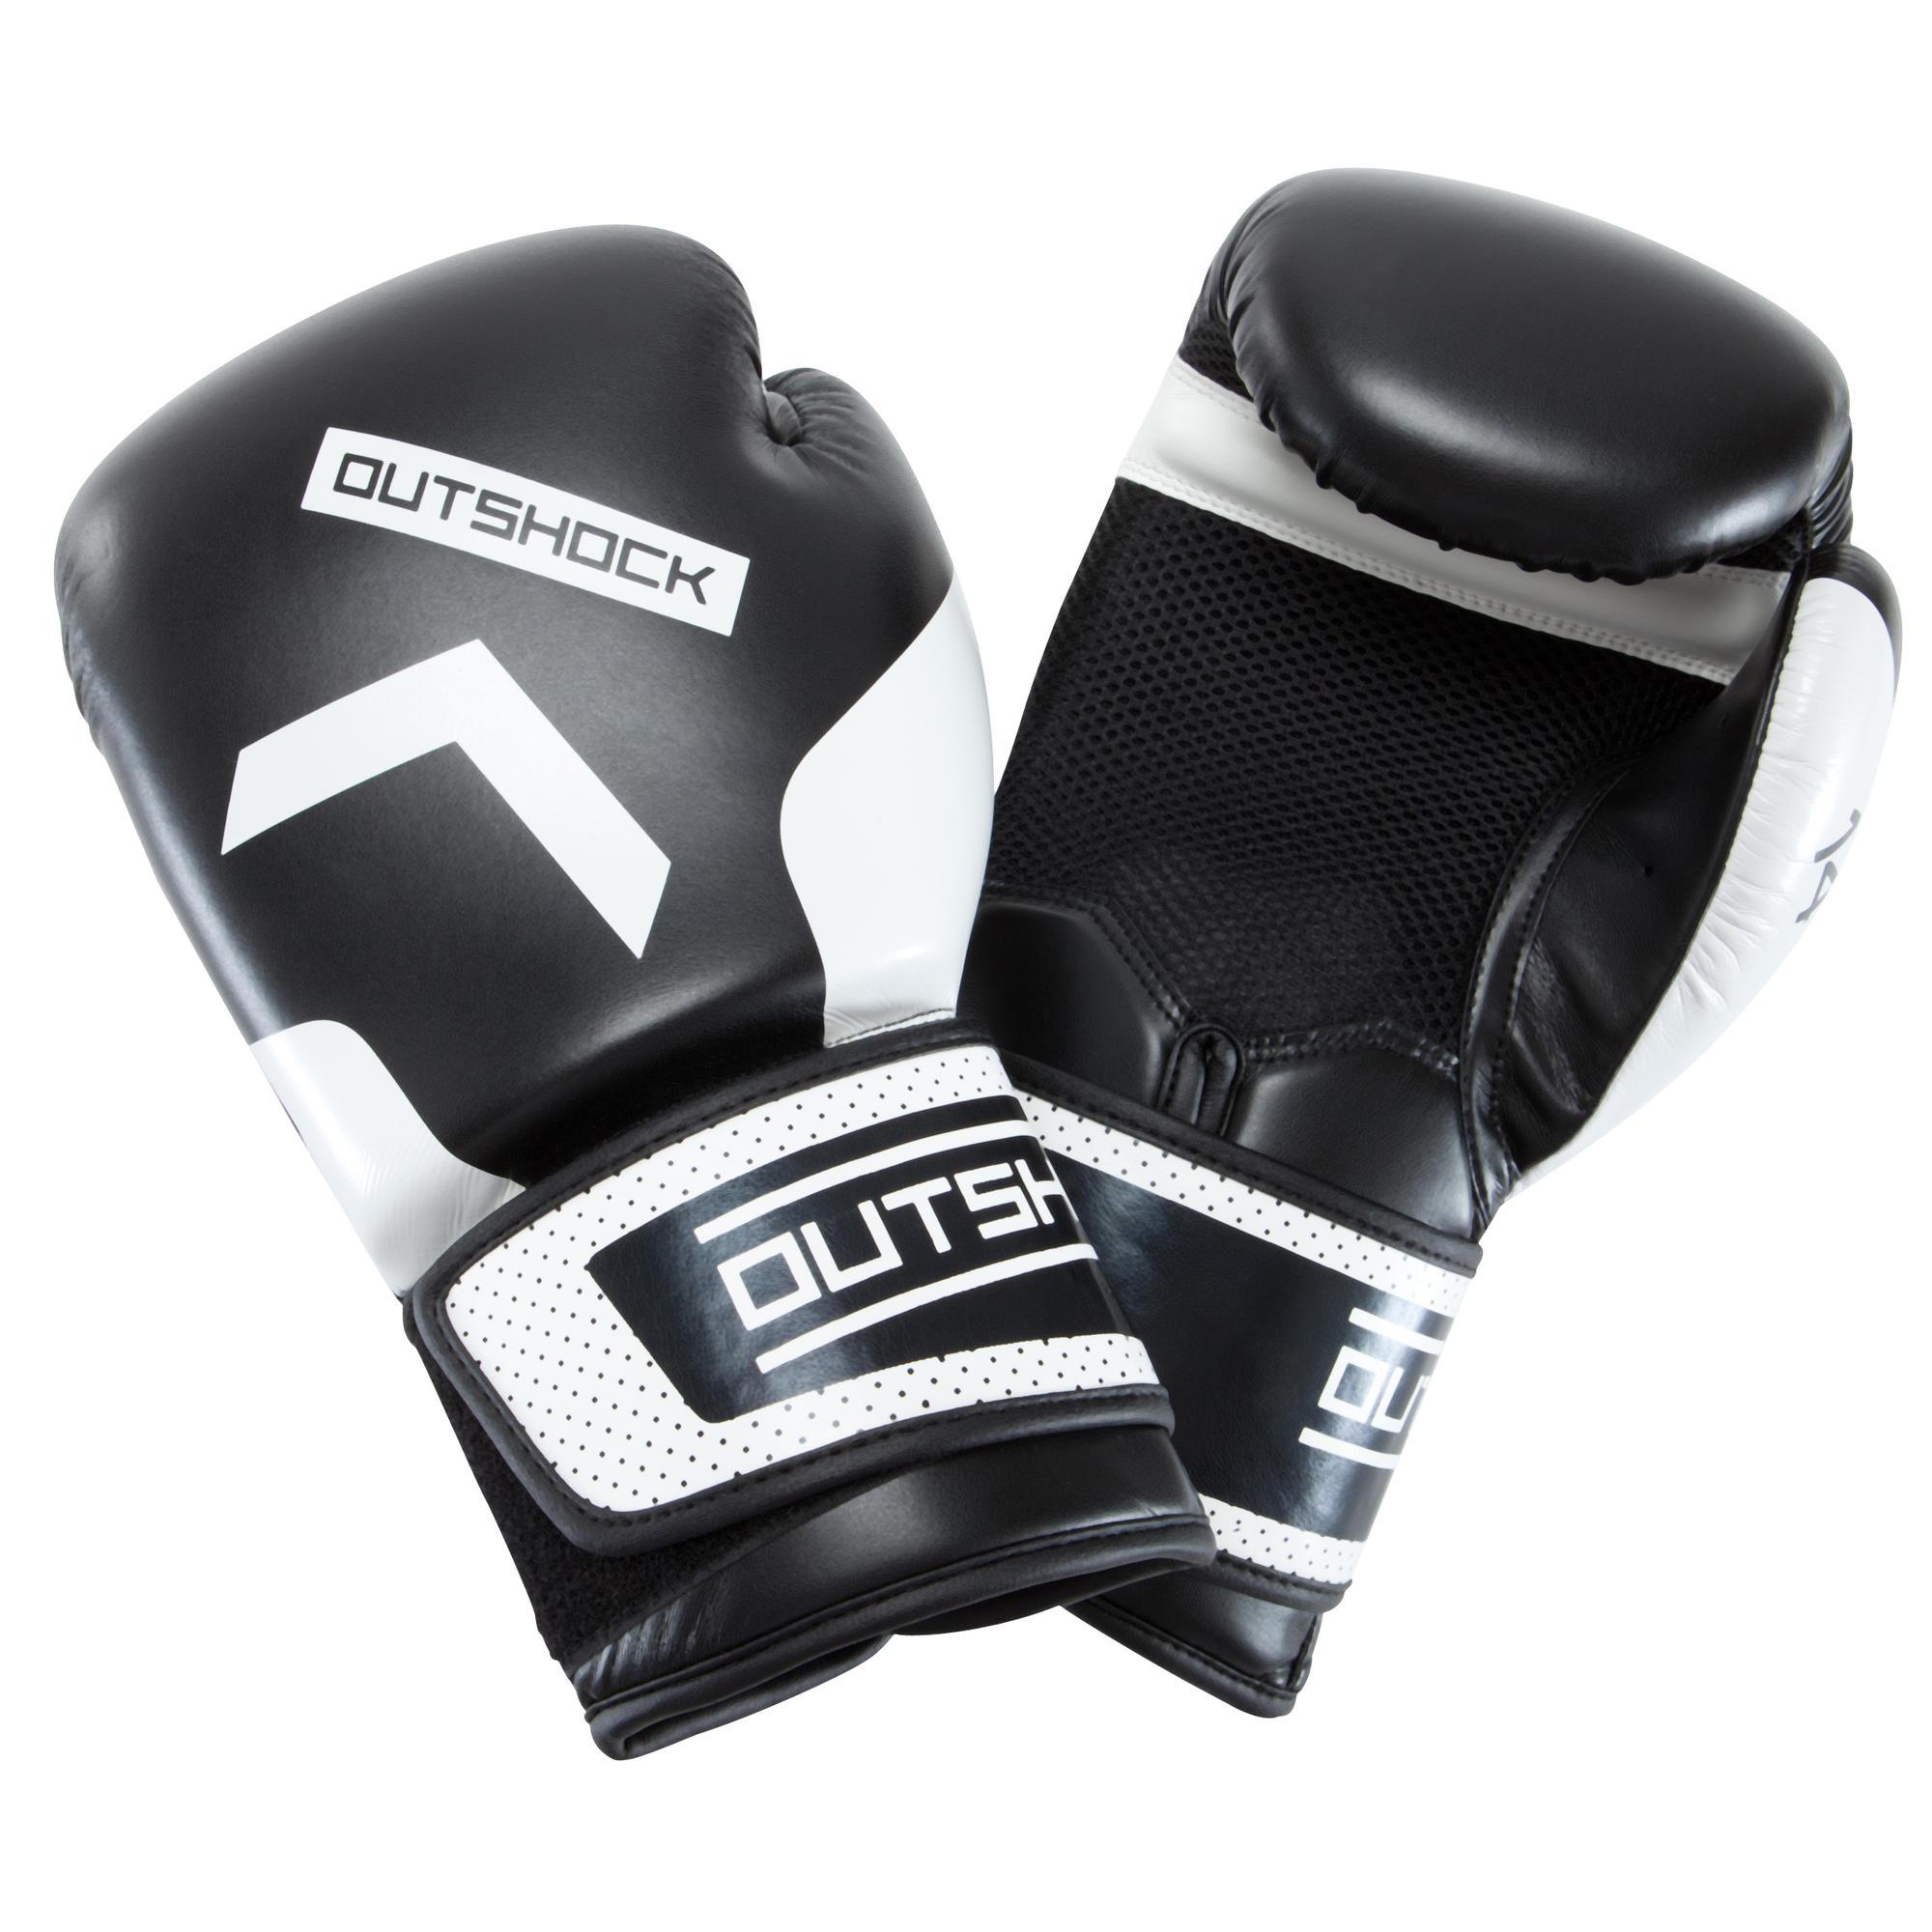 gants de boxe 300 noirs gants d 39 entra nement d butant homme ou femme domyos by decathlon. Black Bedroom Furniture Sets. Home Design Ideas